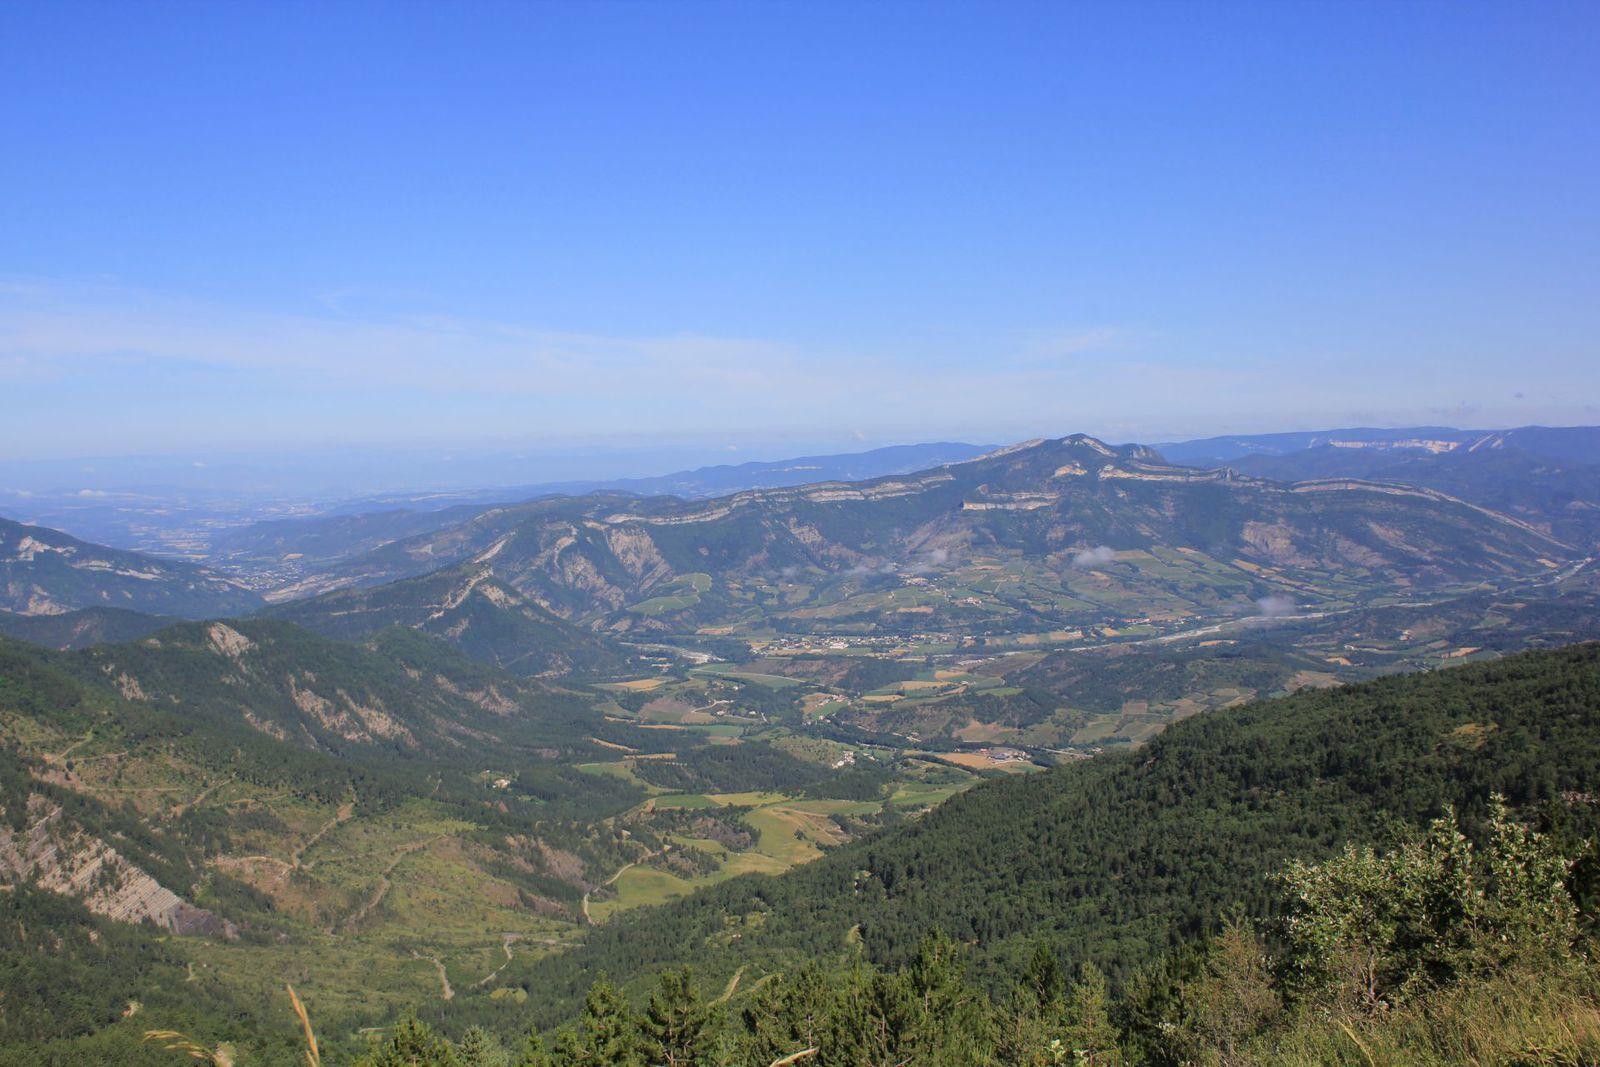 Sur le Plateau de Solaure, on aperçoit le Vercors. Gaudichart par exemple.